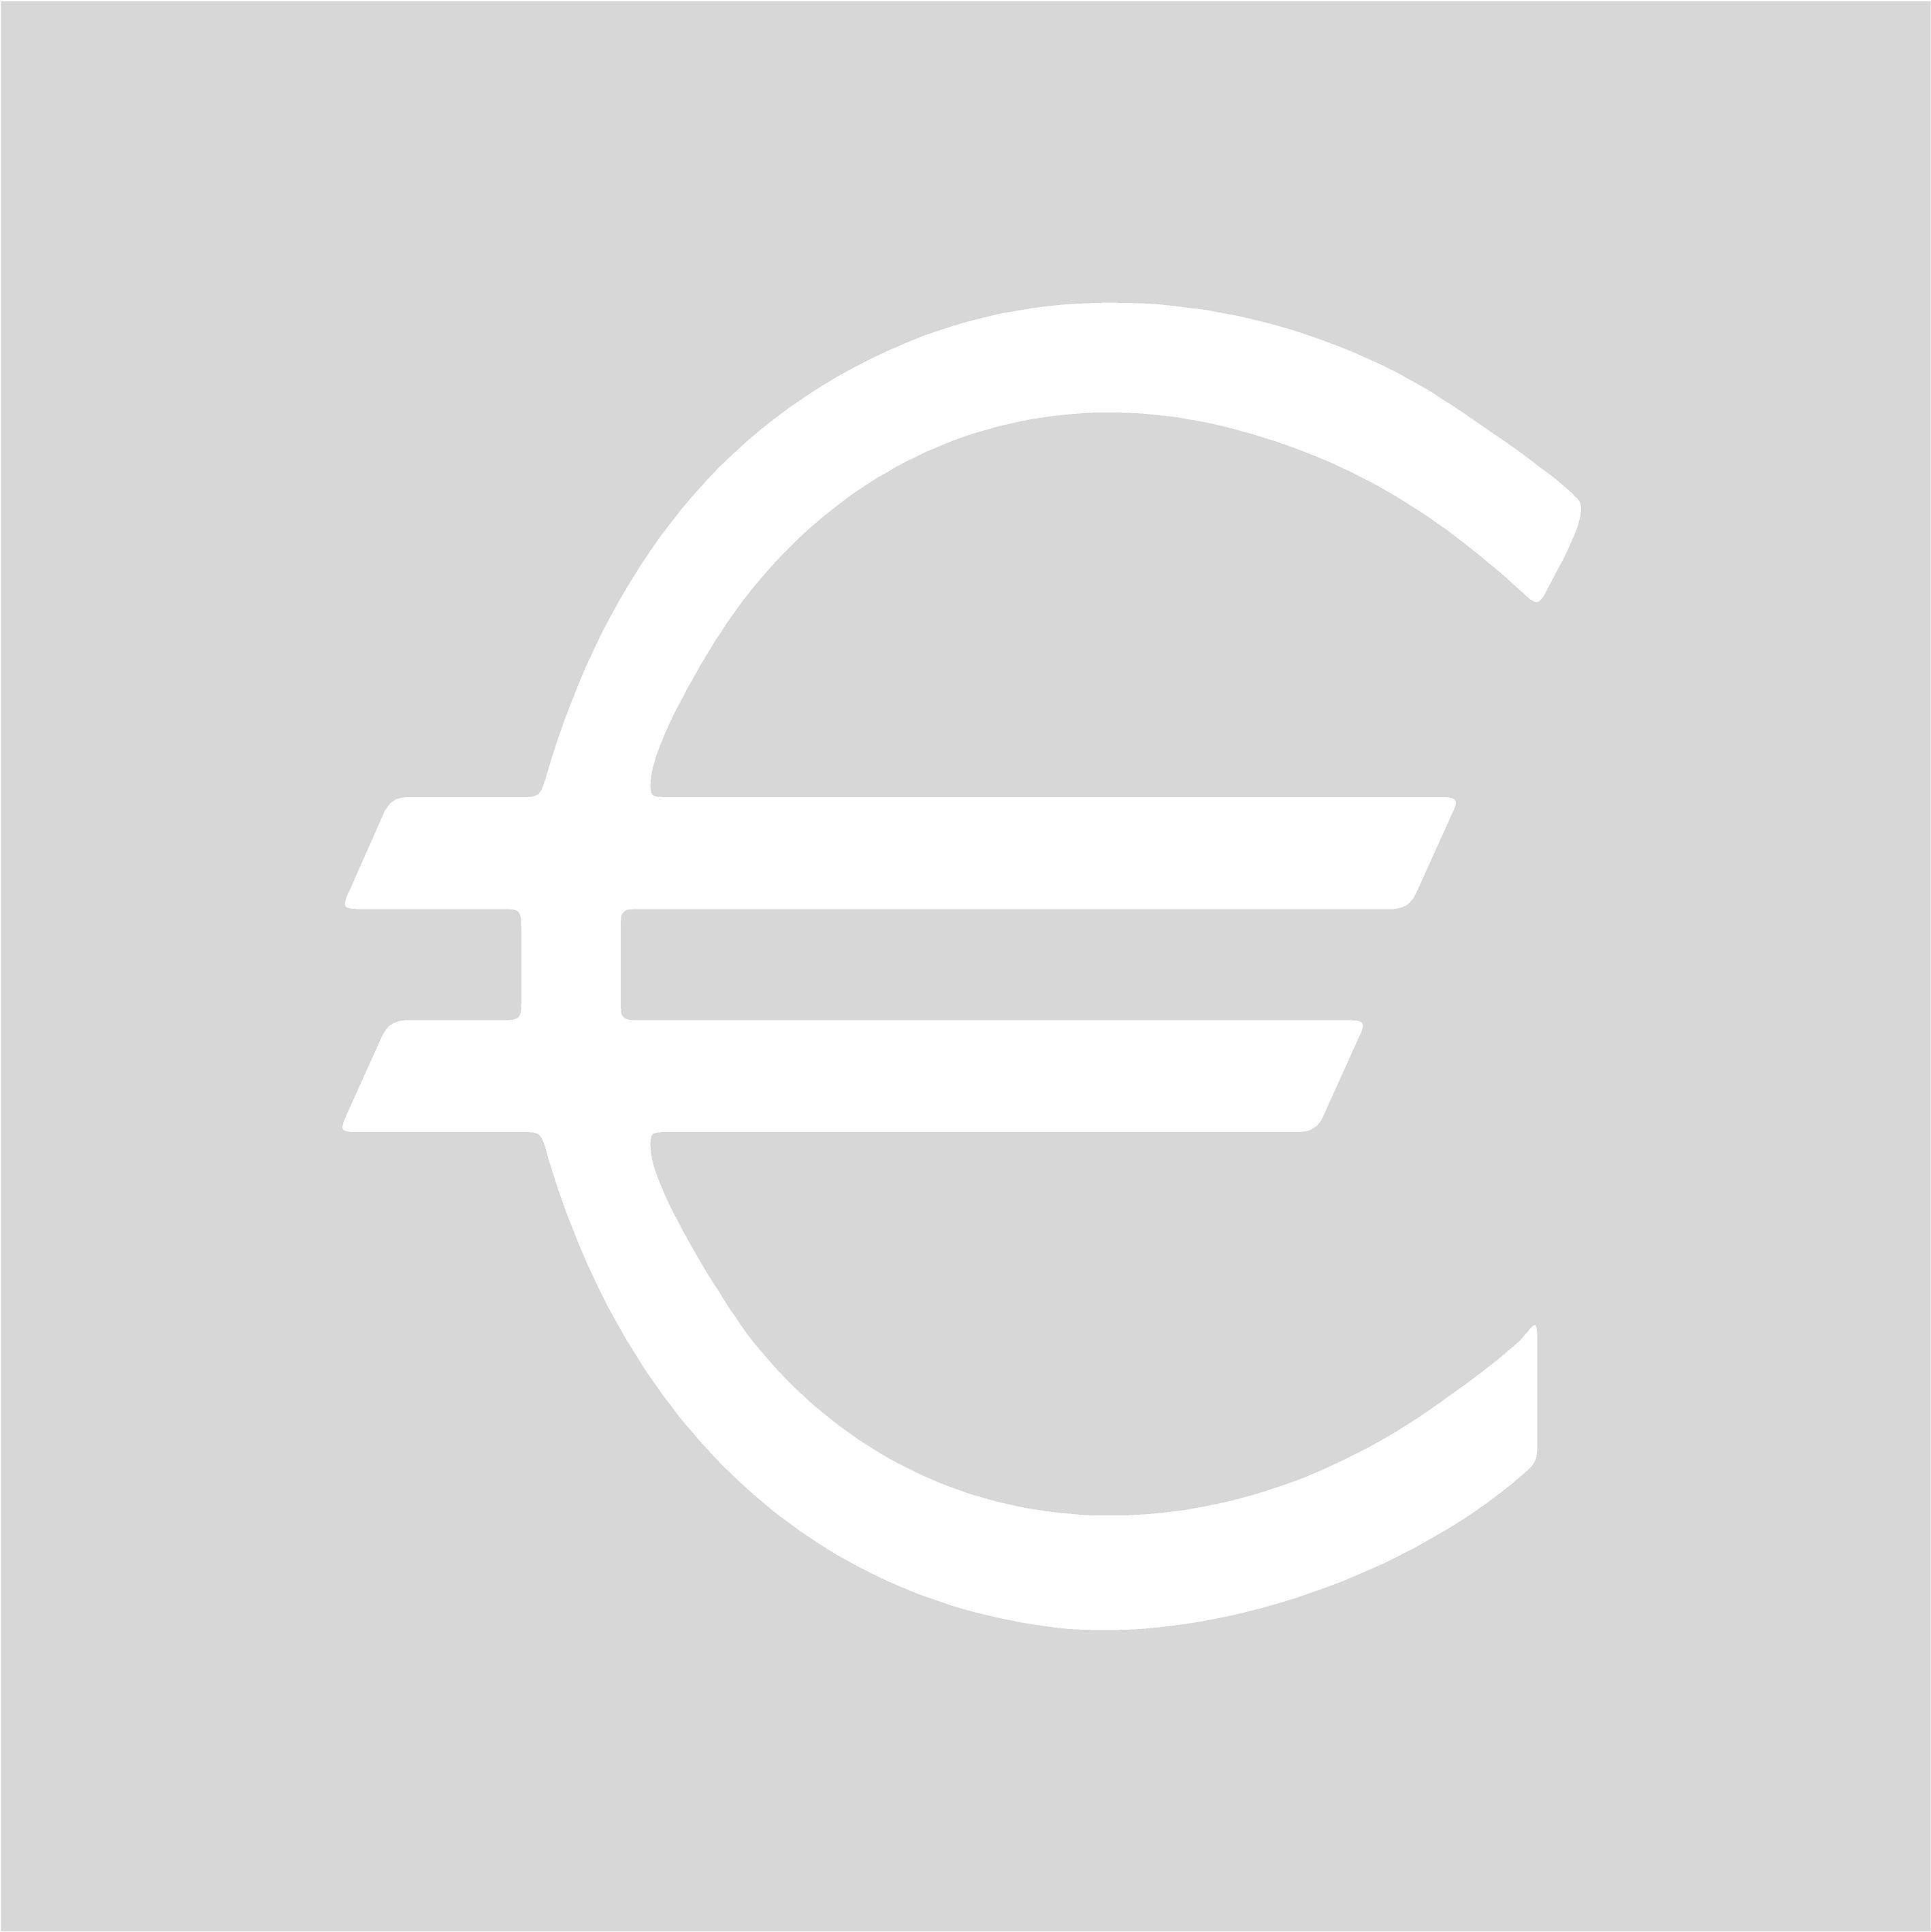 Plantilla para pintar signo EURO (€) en suelo o ...